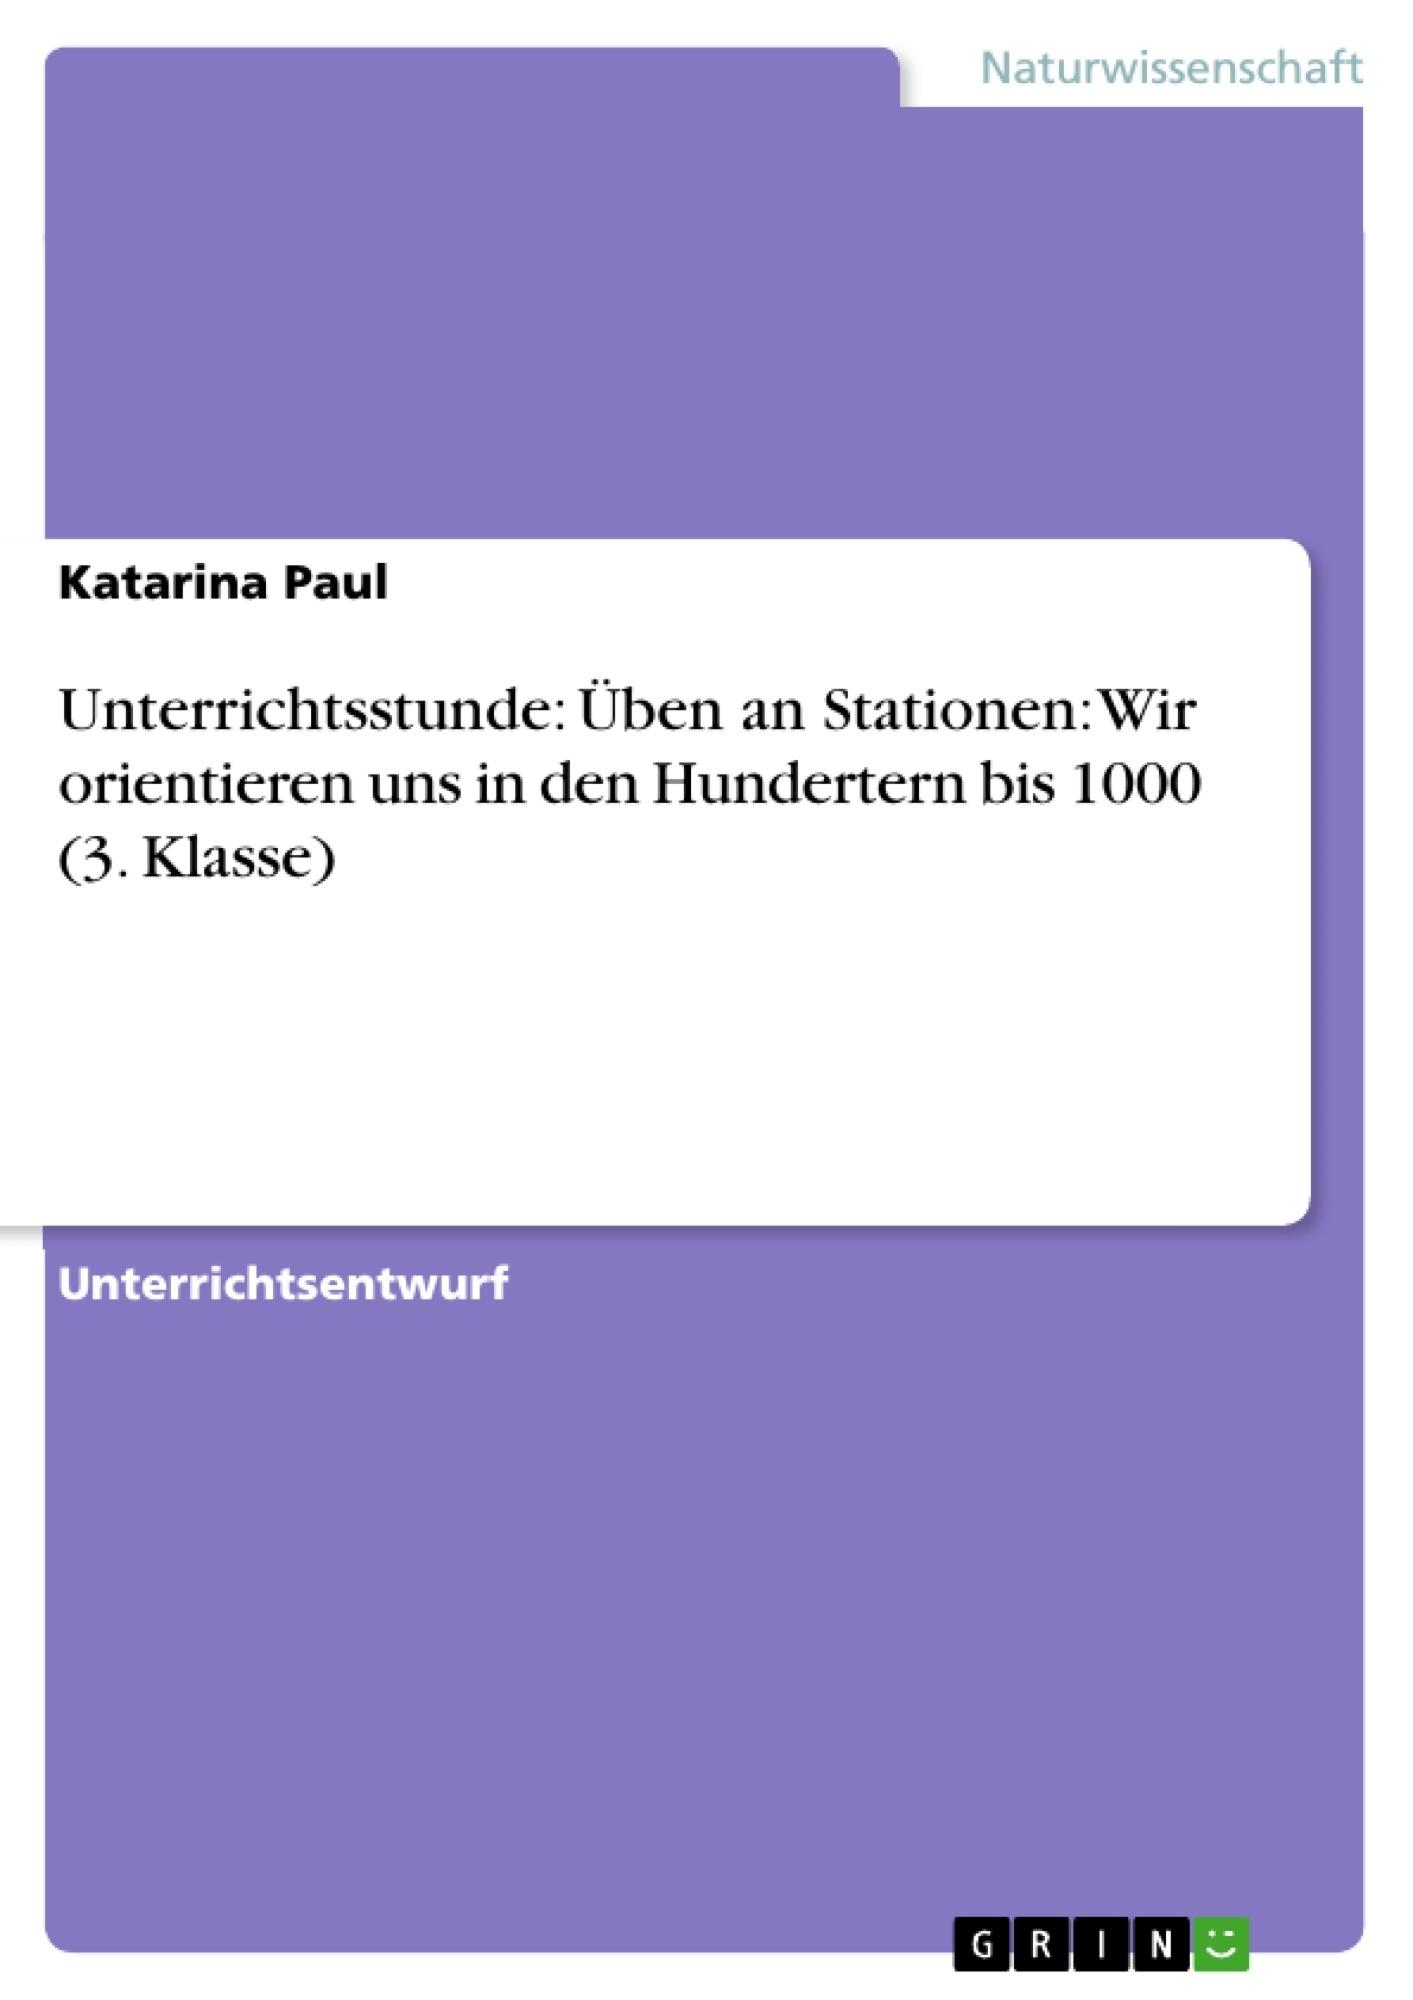 Titel: Unterrichtsstunde: Üben an Stationen: Wir orientieren uns in den Hundertern bis 1000 (3. Klasse)